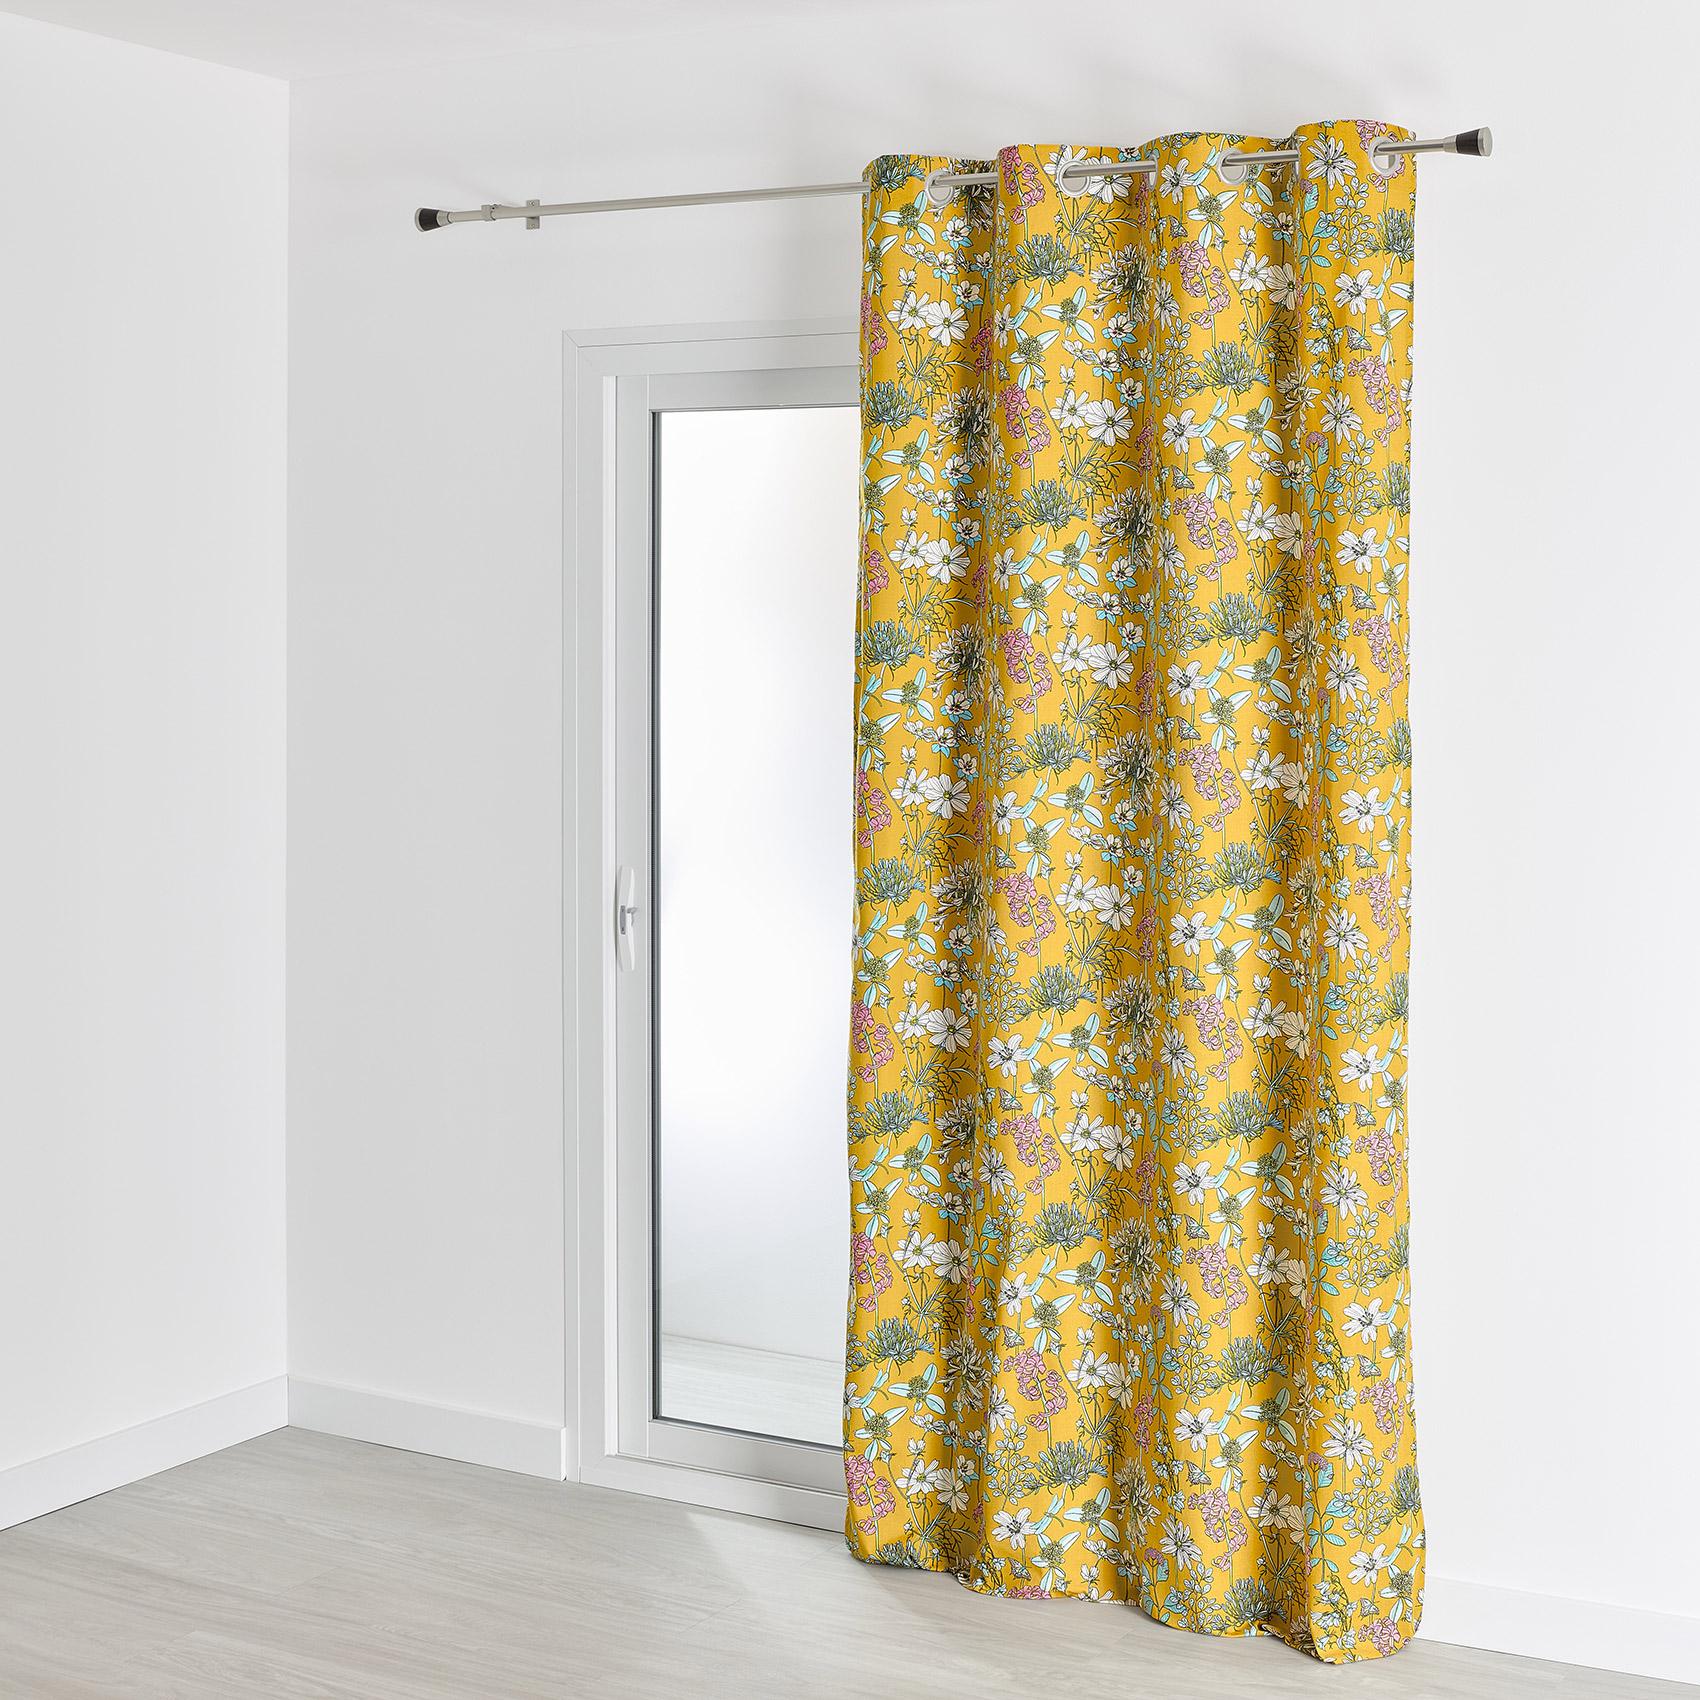 Rideau d'ameublement aux impressions fleuries coton safran 260x140